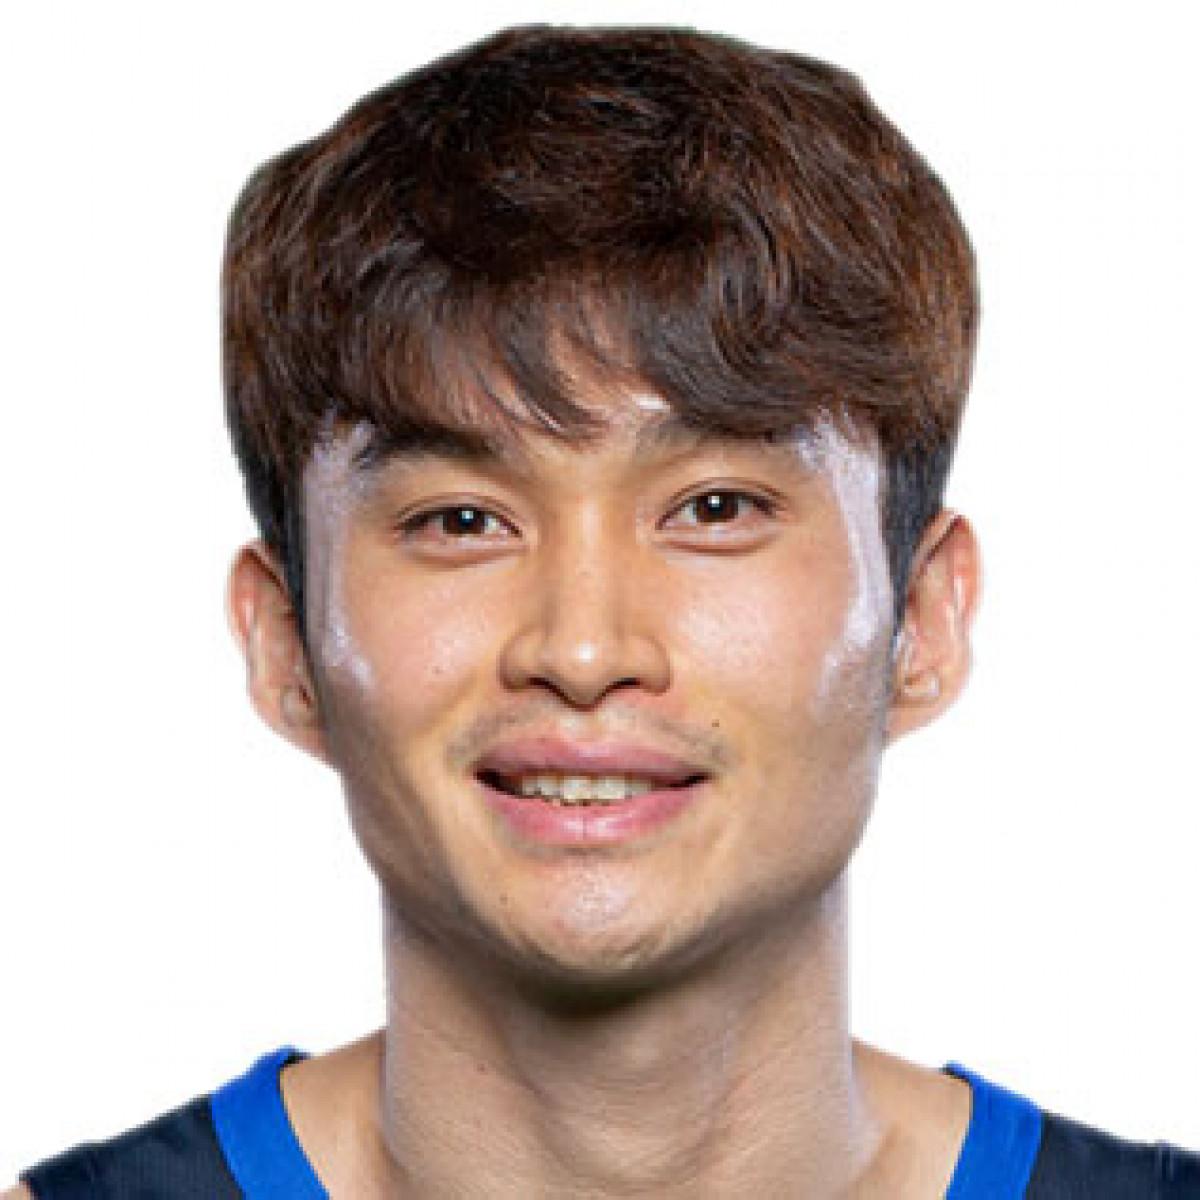 Daesung Lee